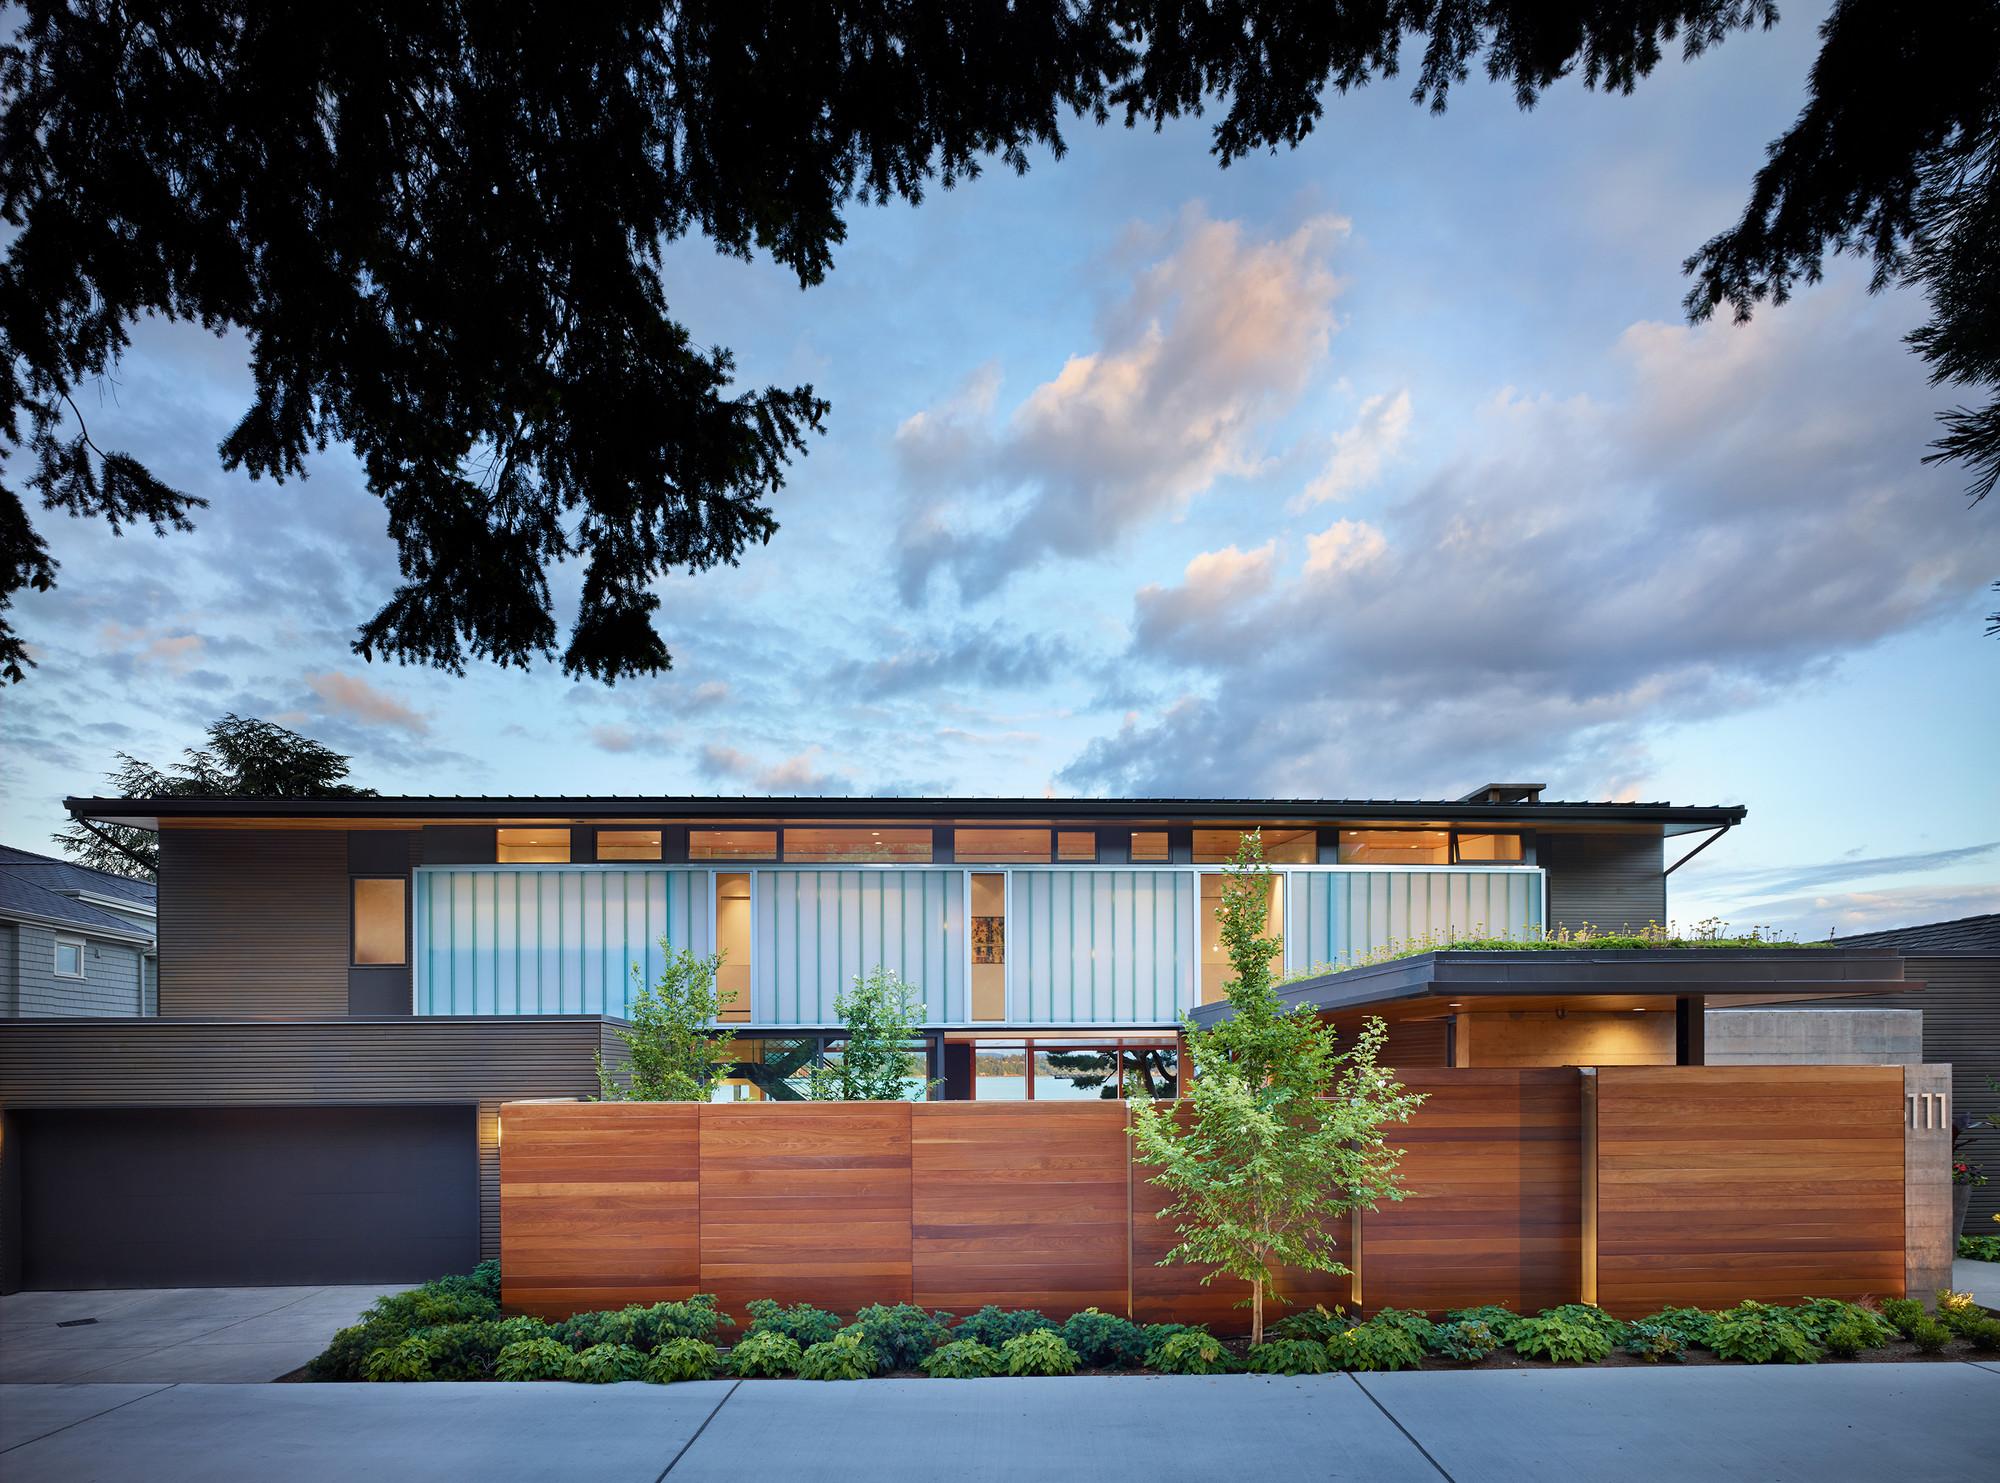 Courtyard House / DeForest Architects, © Benjamin Benschneider